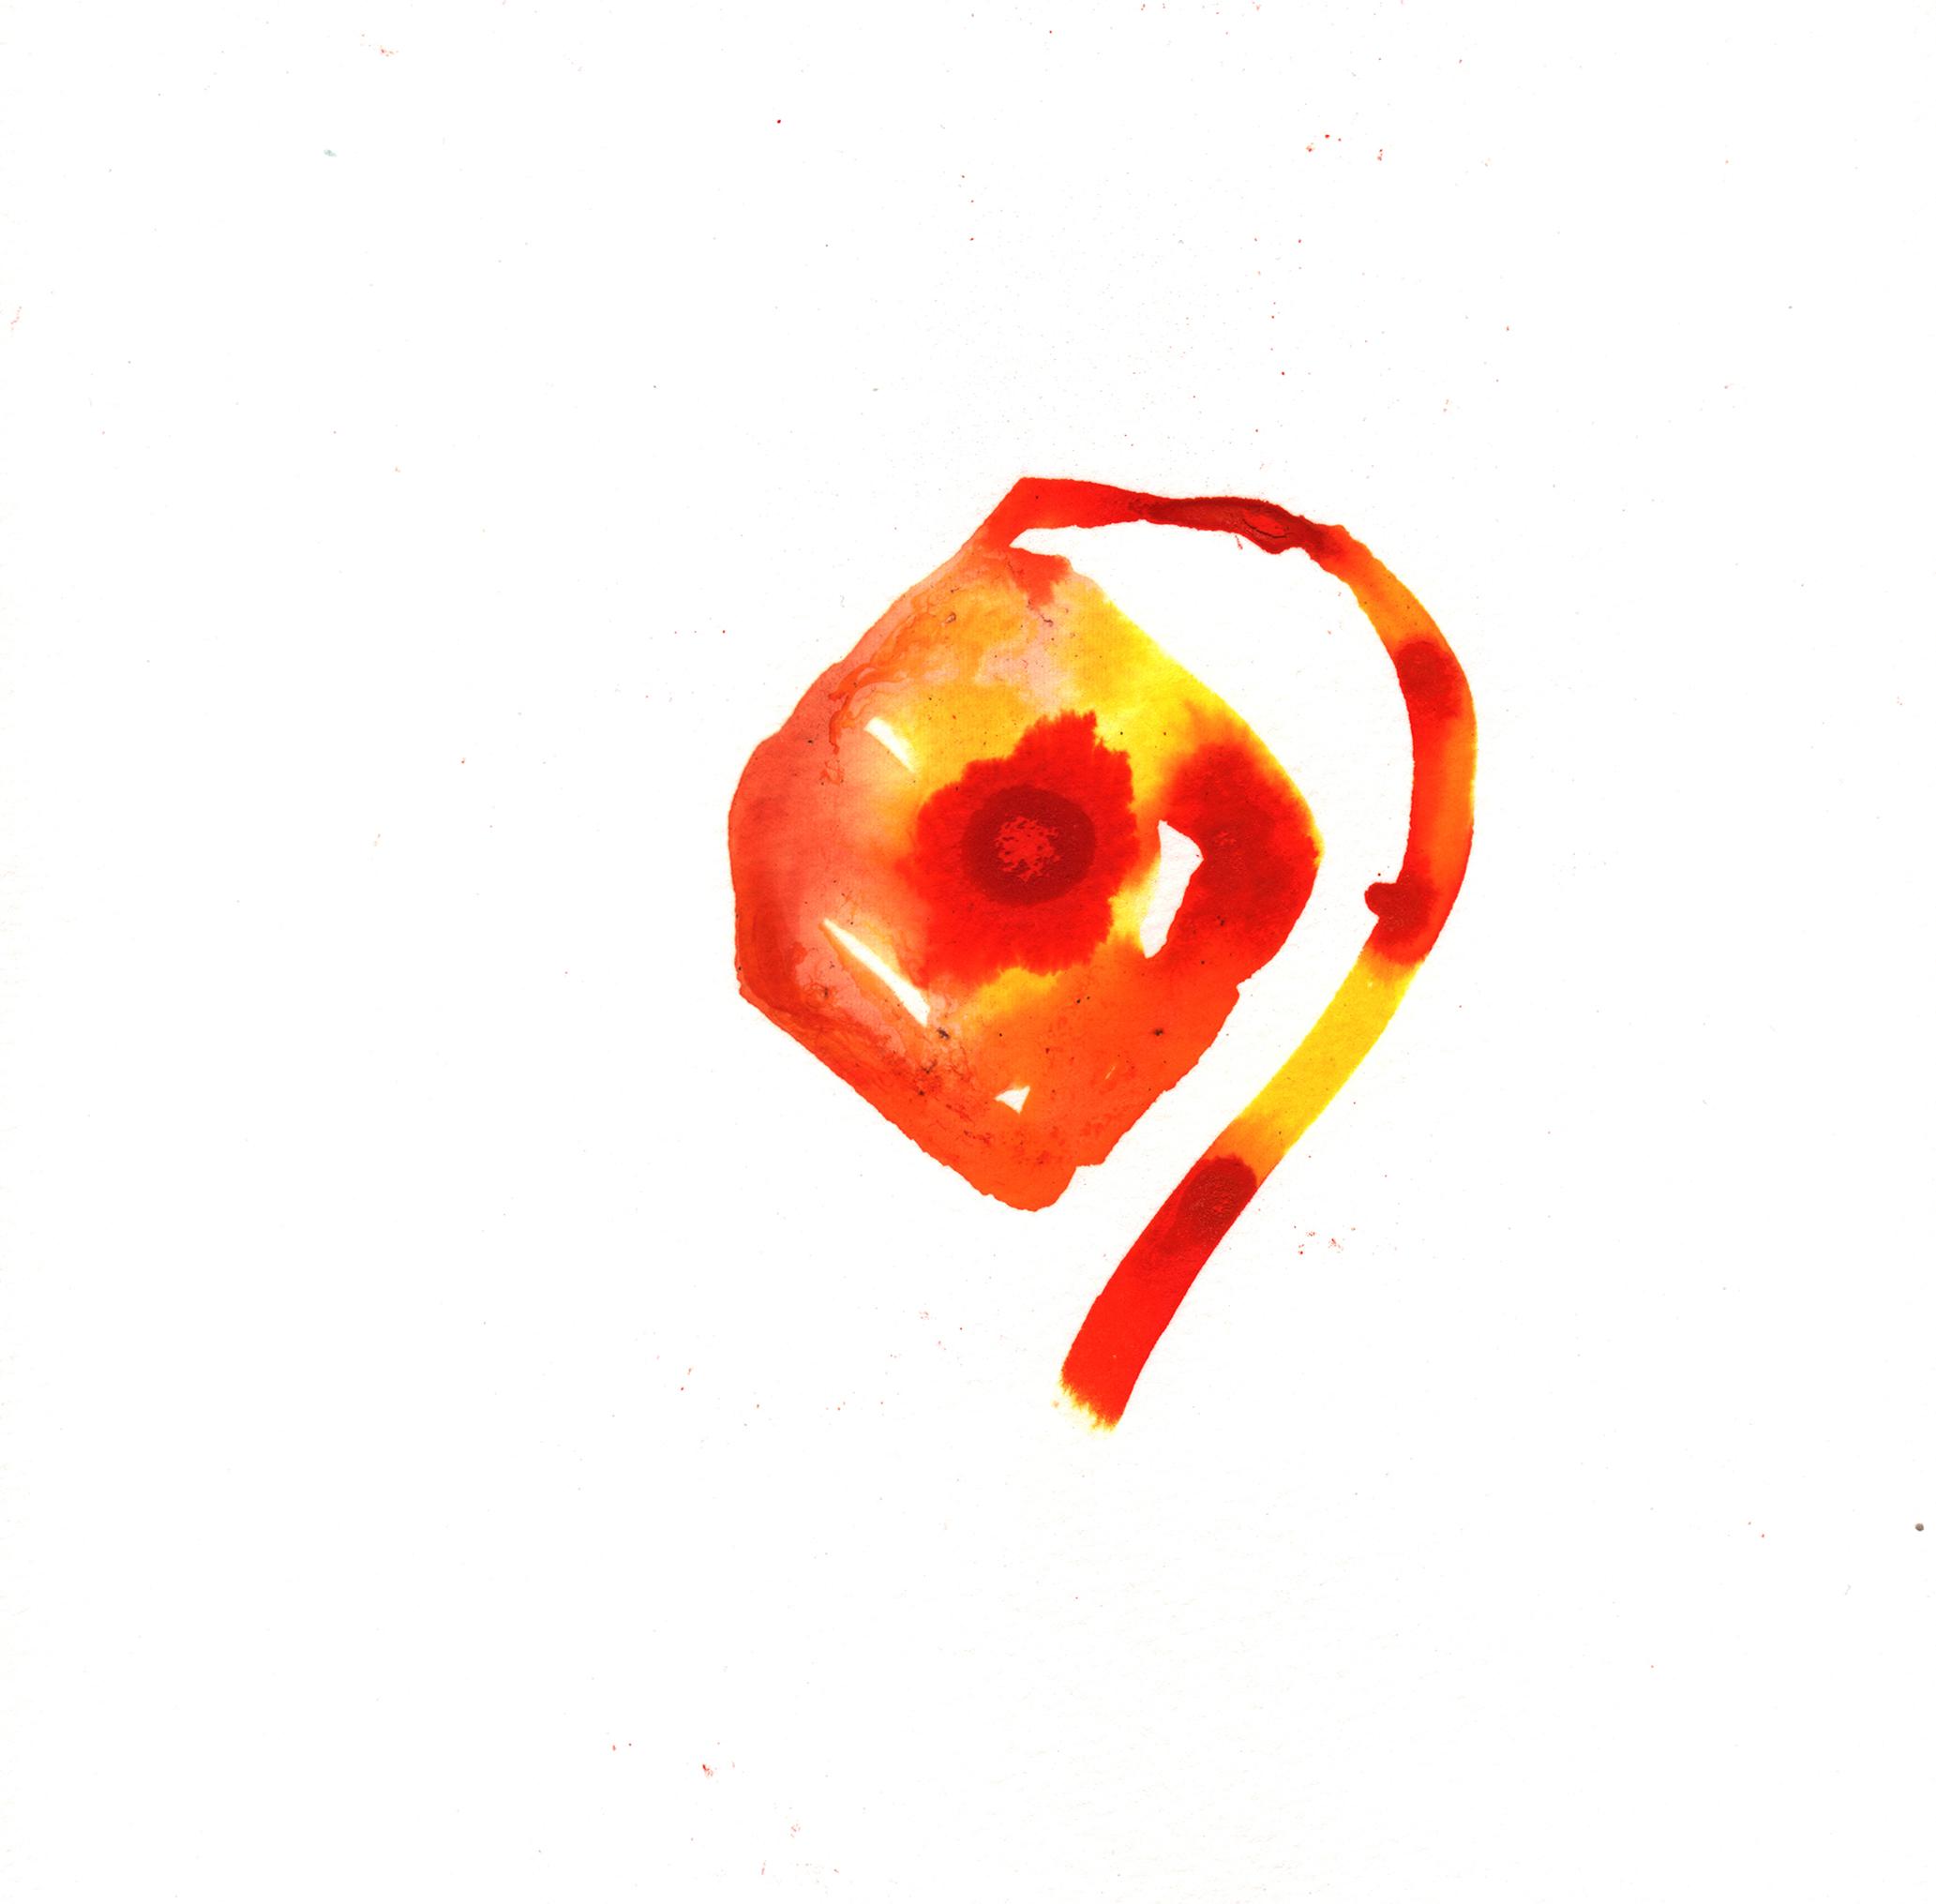 171.Chinese.Lantern.7.29.14.jpg